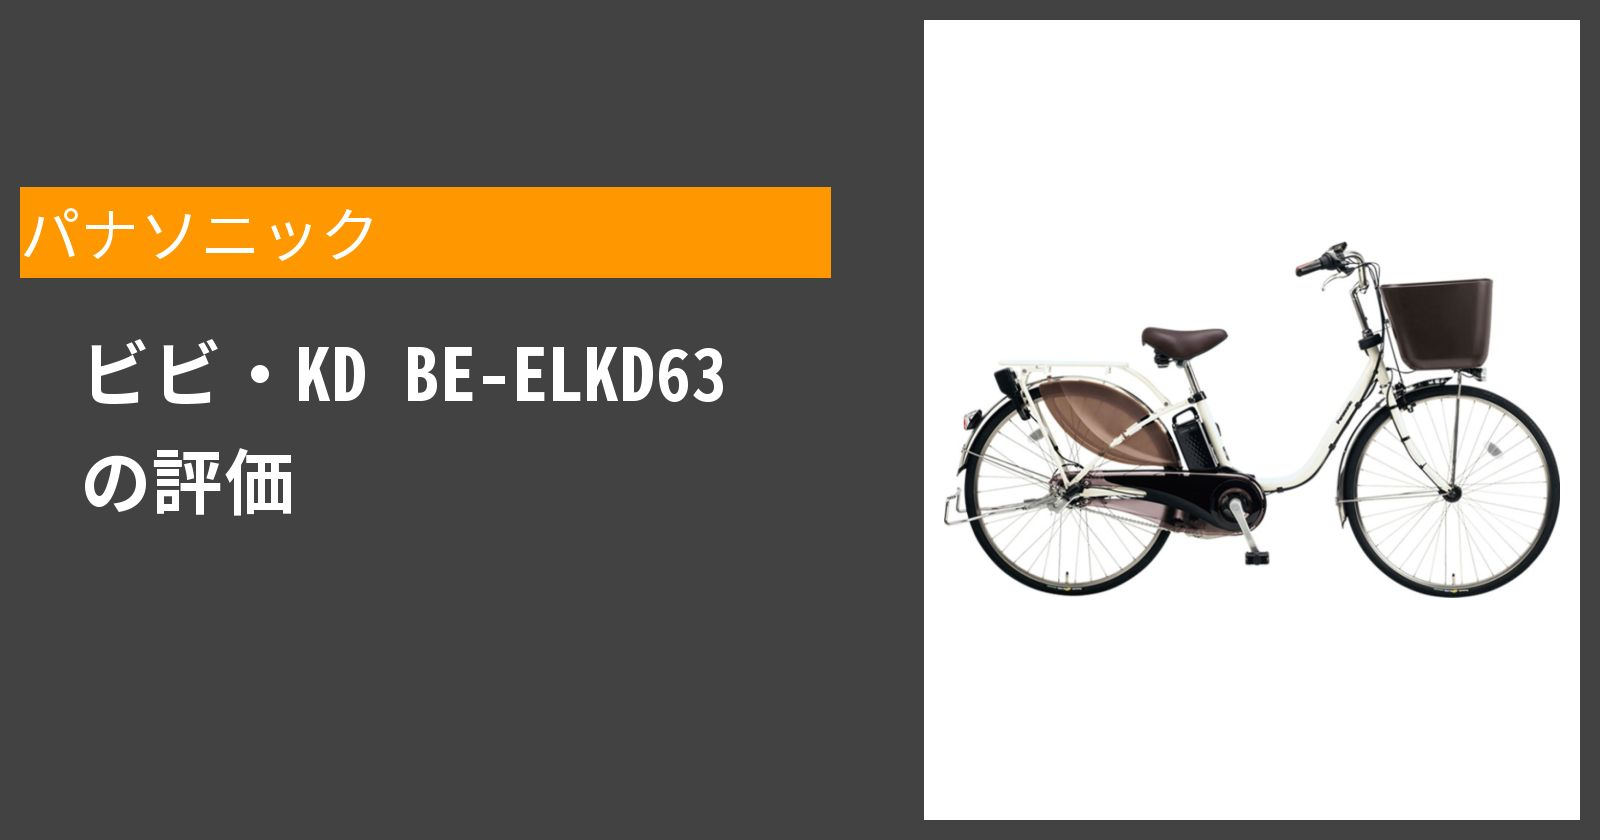 ビビ・KD BE-ELKD63を徹底評価